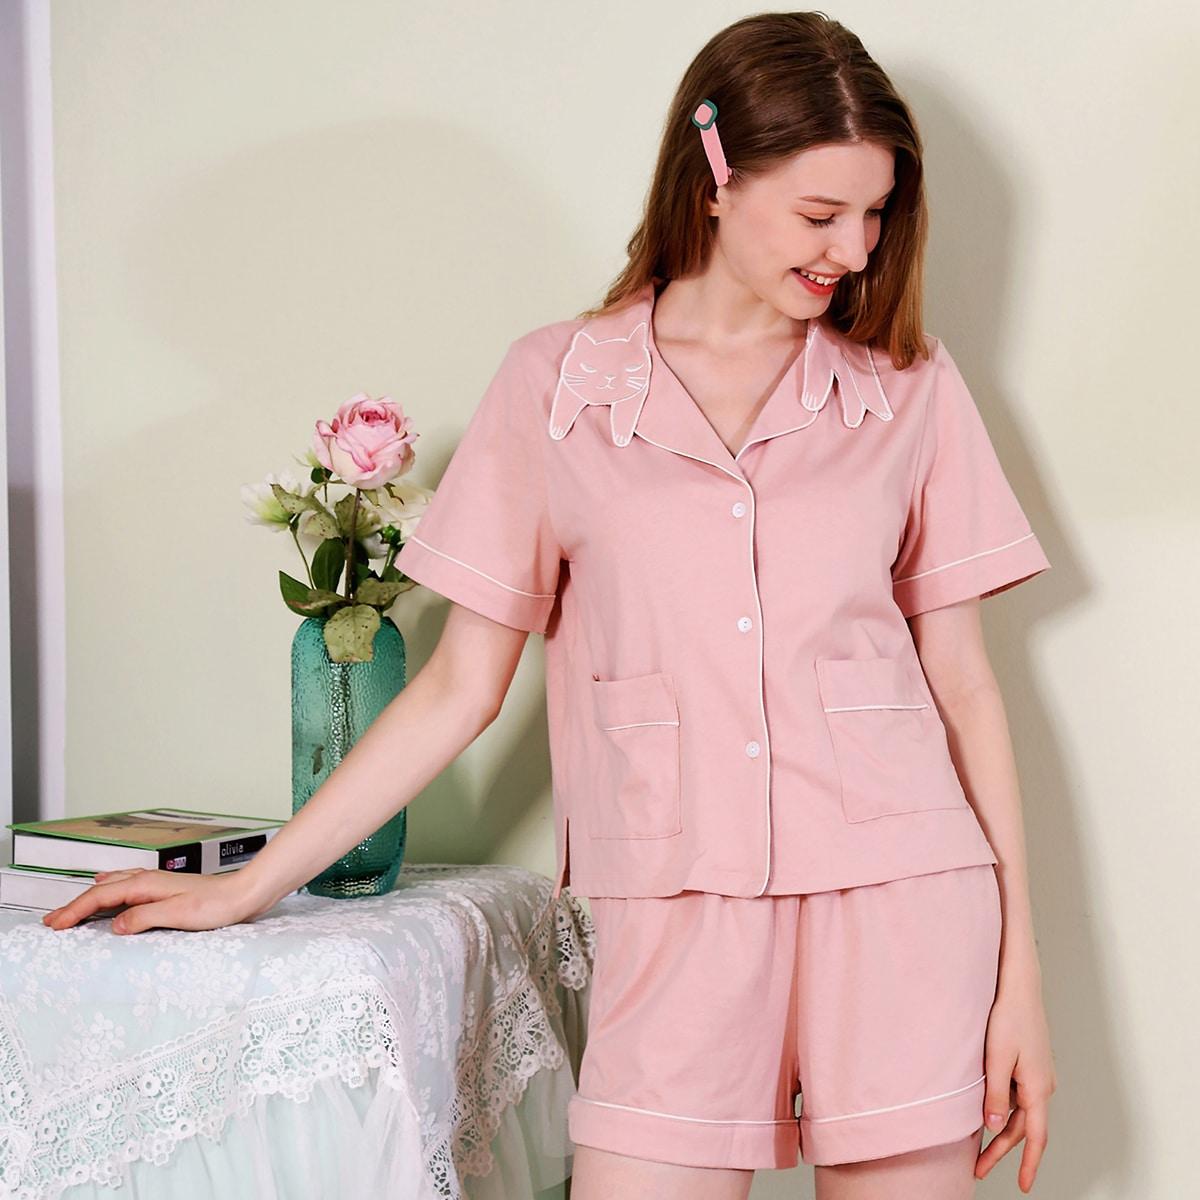 Pjm пижама с пуговицами и мультипликационным принтом